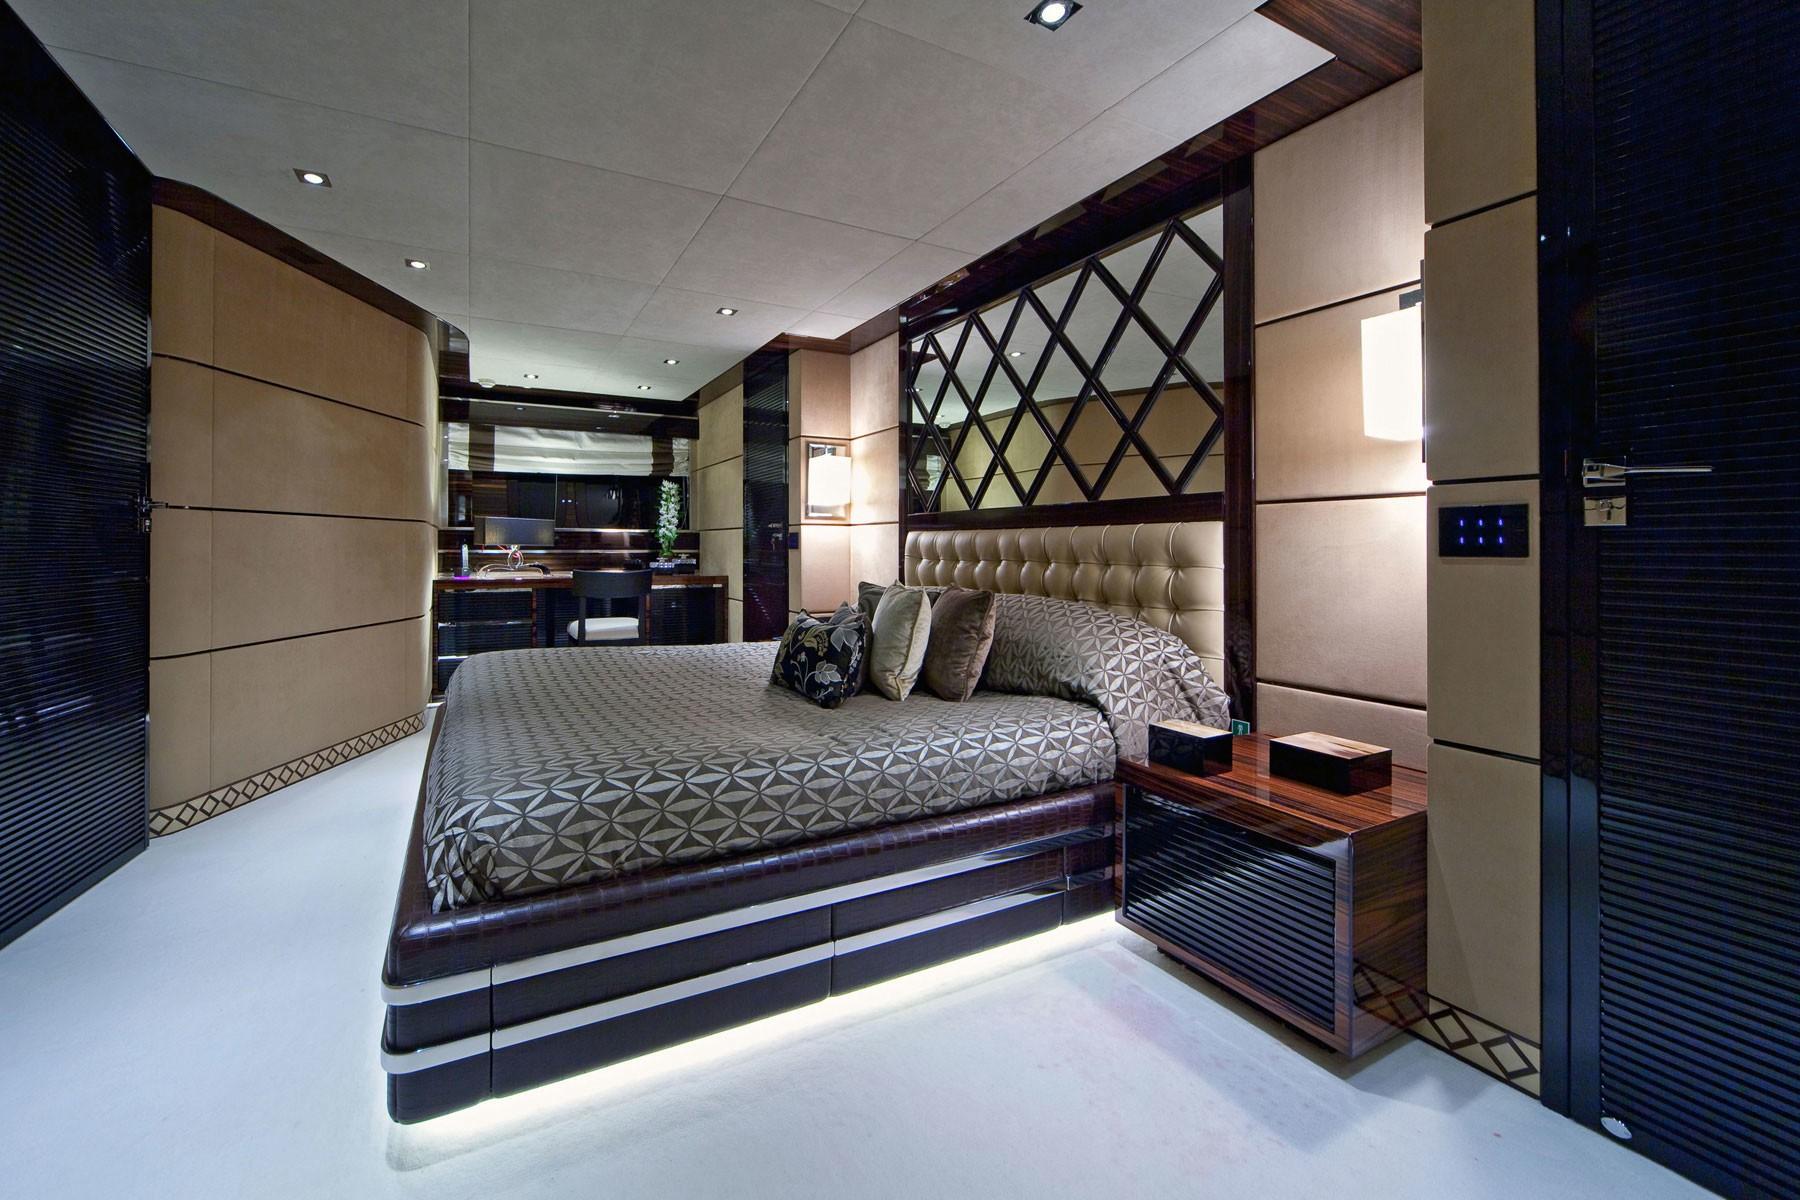 Cabin On Yacht MANIFIQ